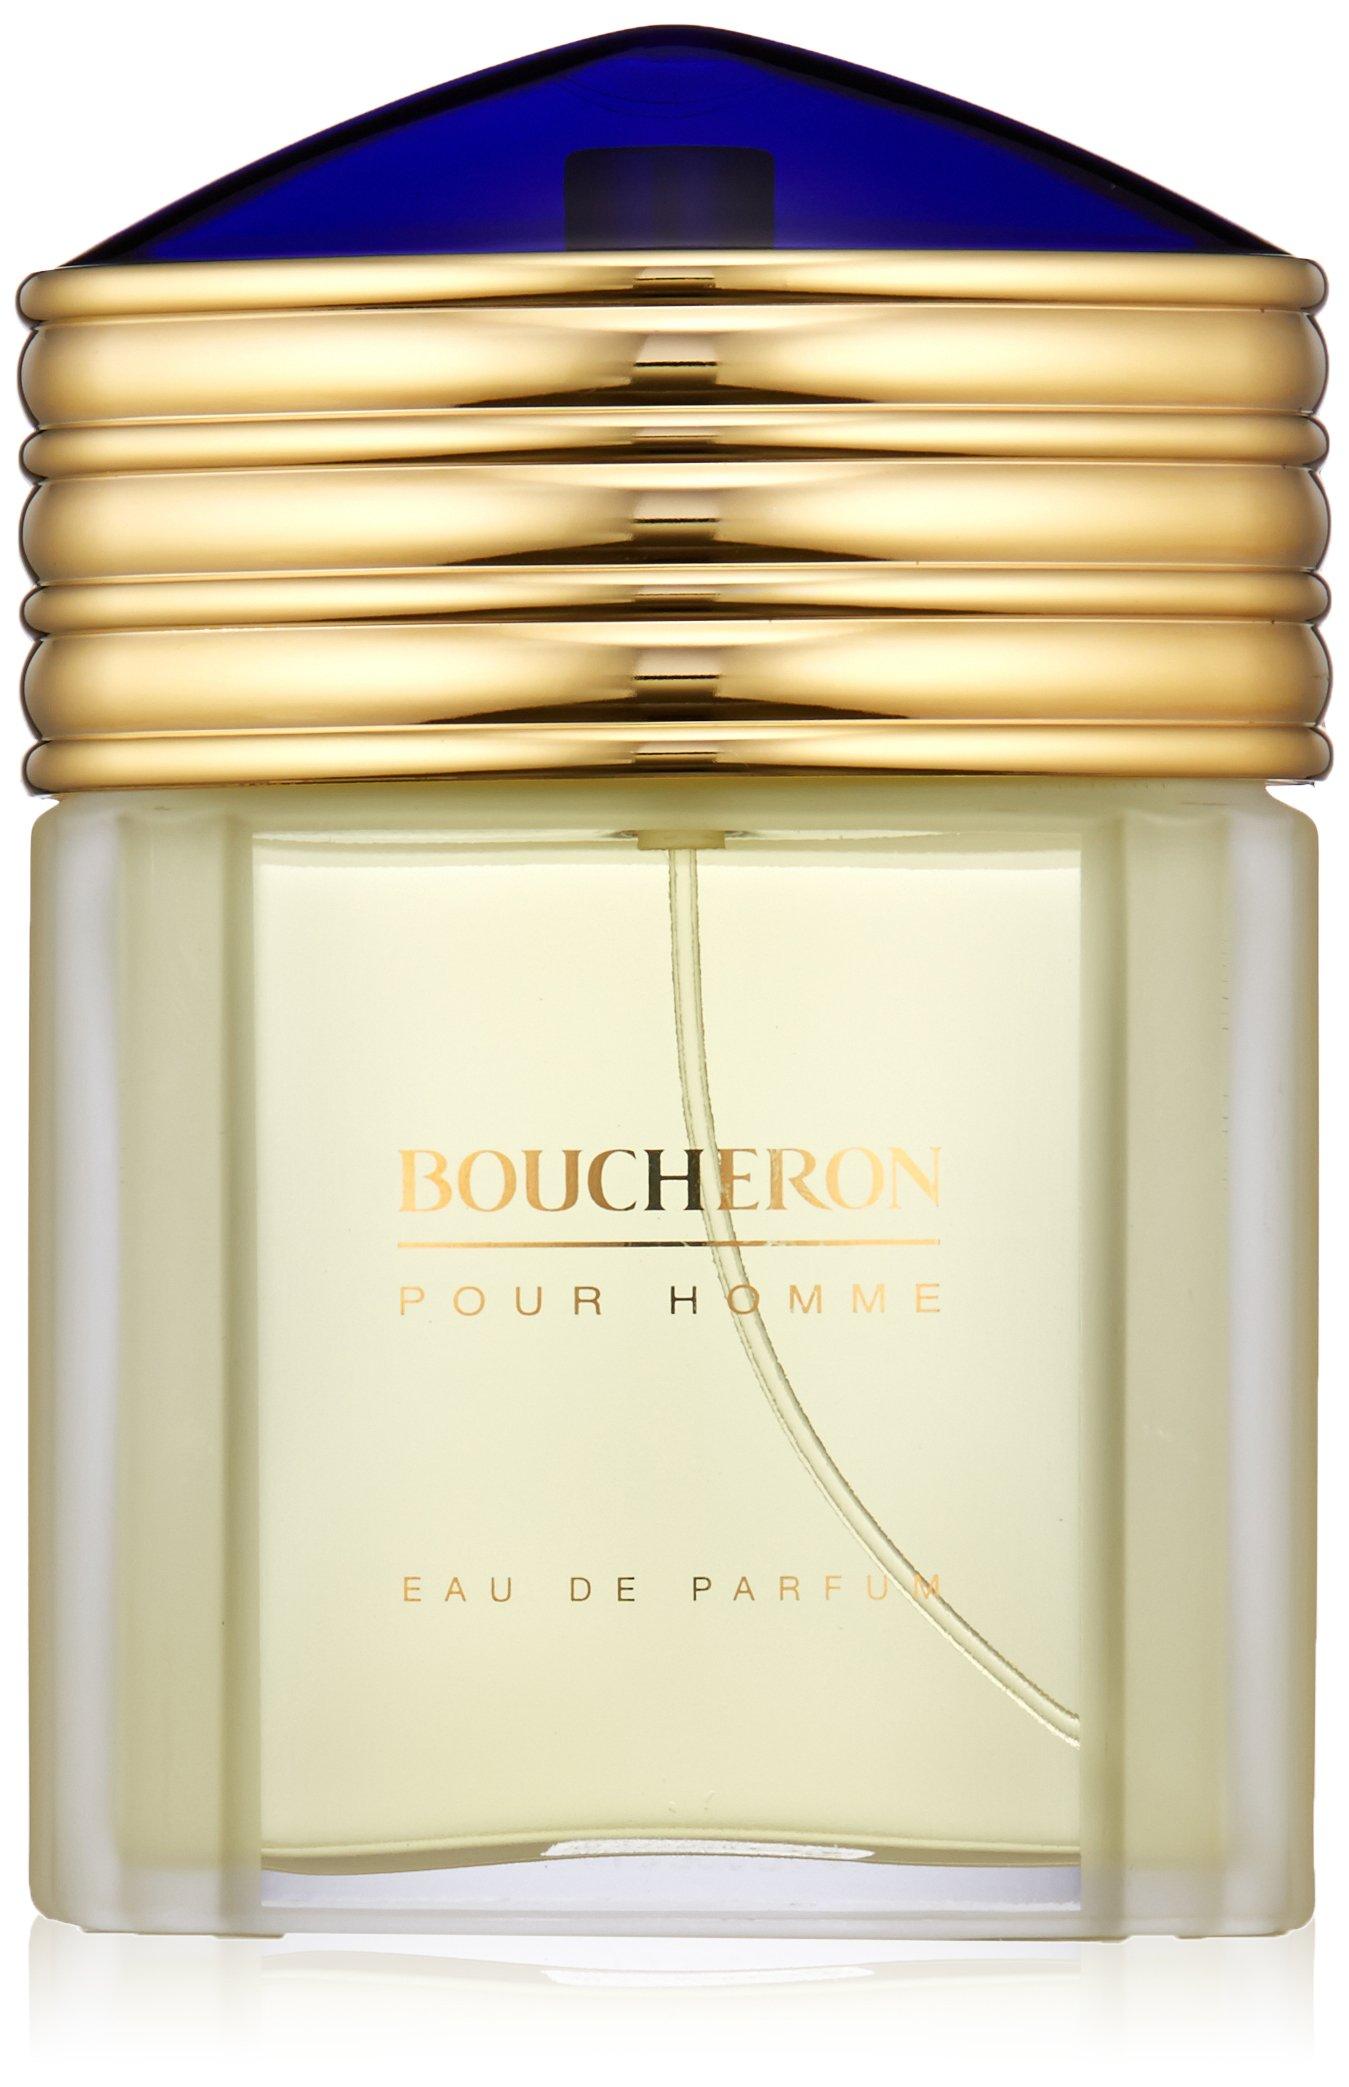 BOUCHERON Pour Homme Eau de Parfum, Woody Citrus, 3.3 fl. oz. by BOUCHERON